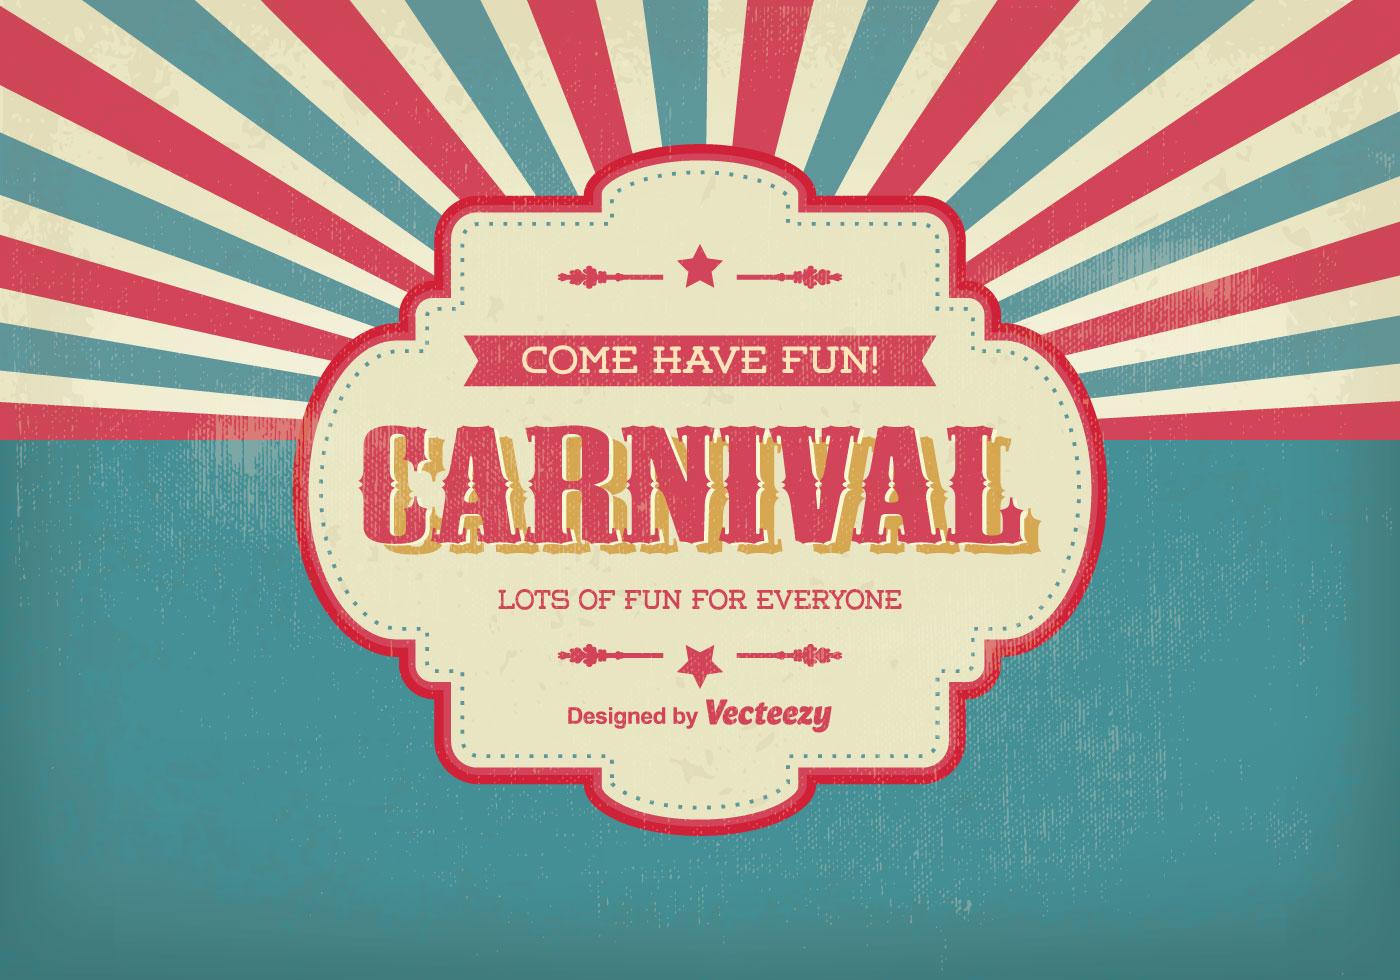 Vintage Carnival Illustration Download Free Vector Art